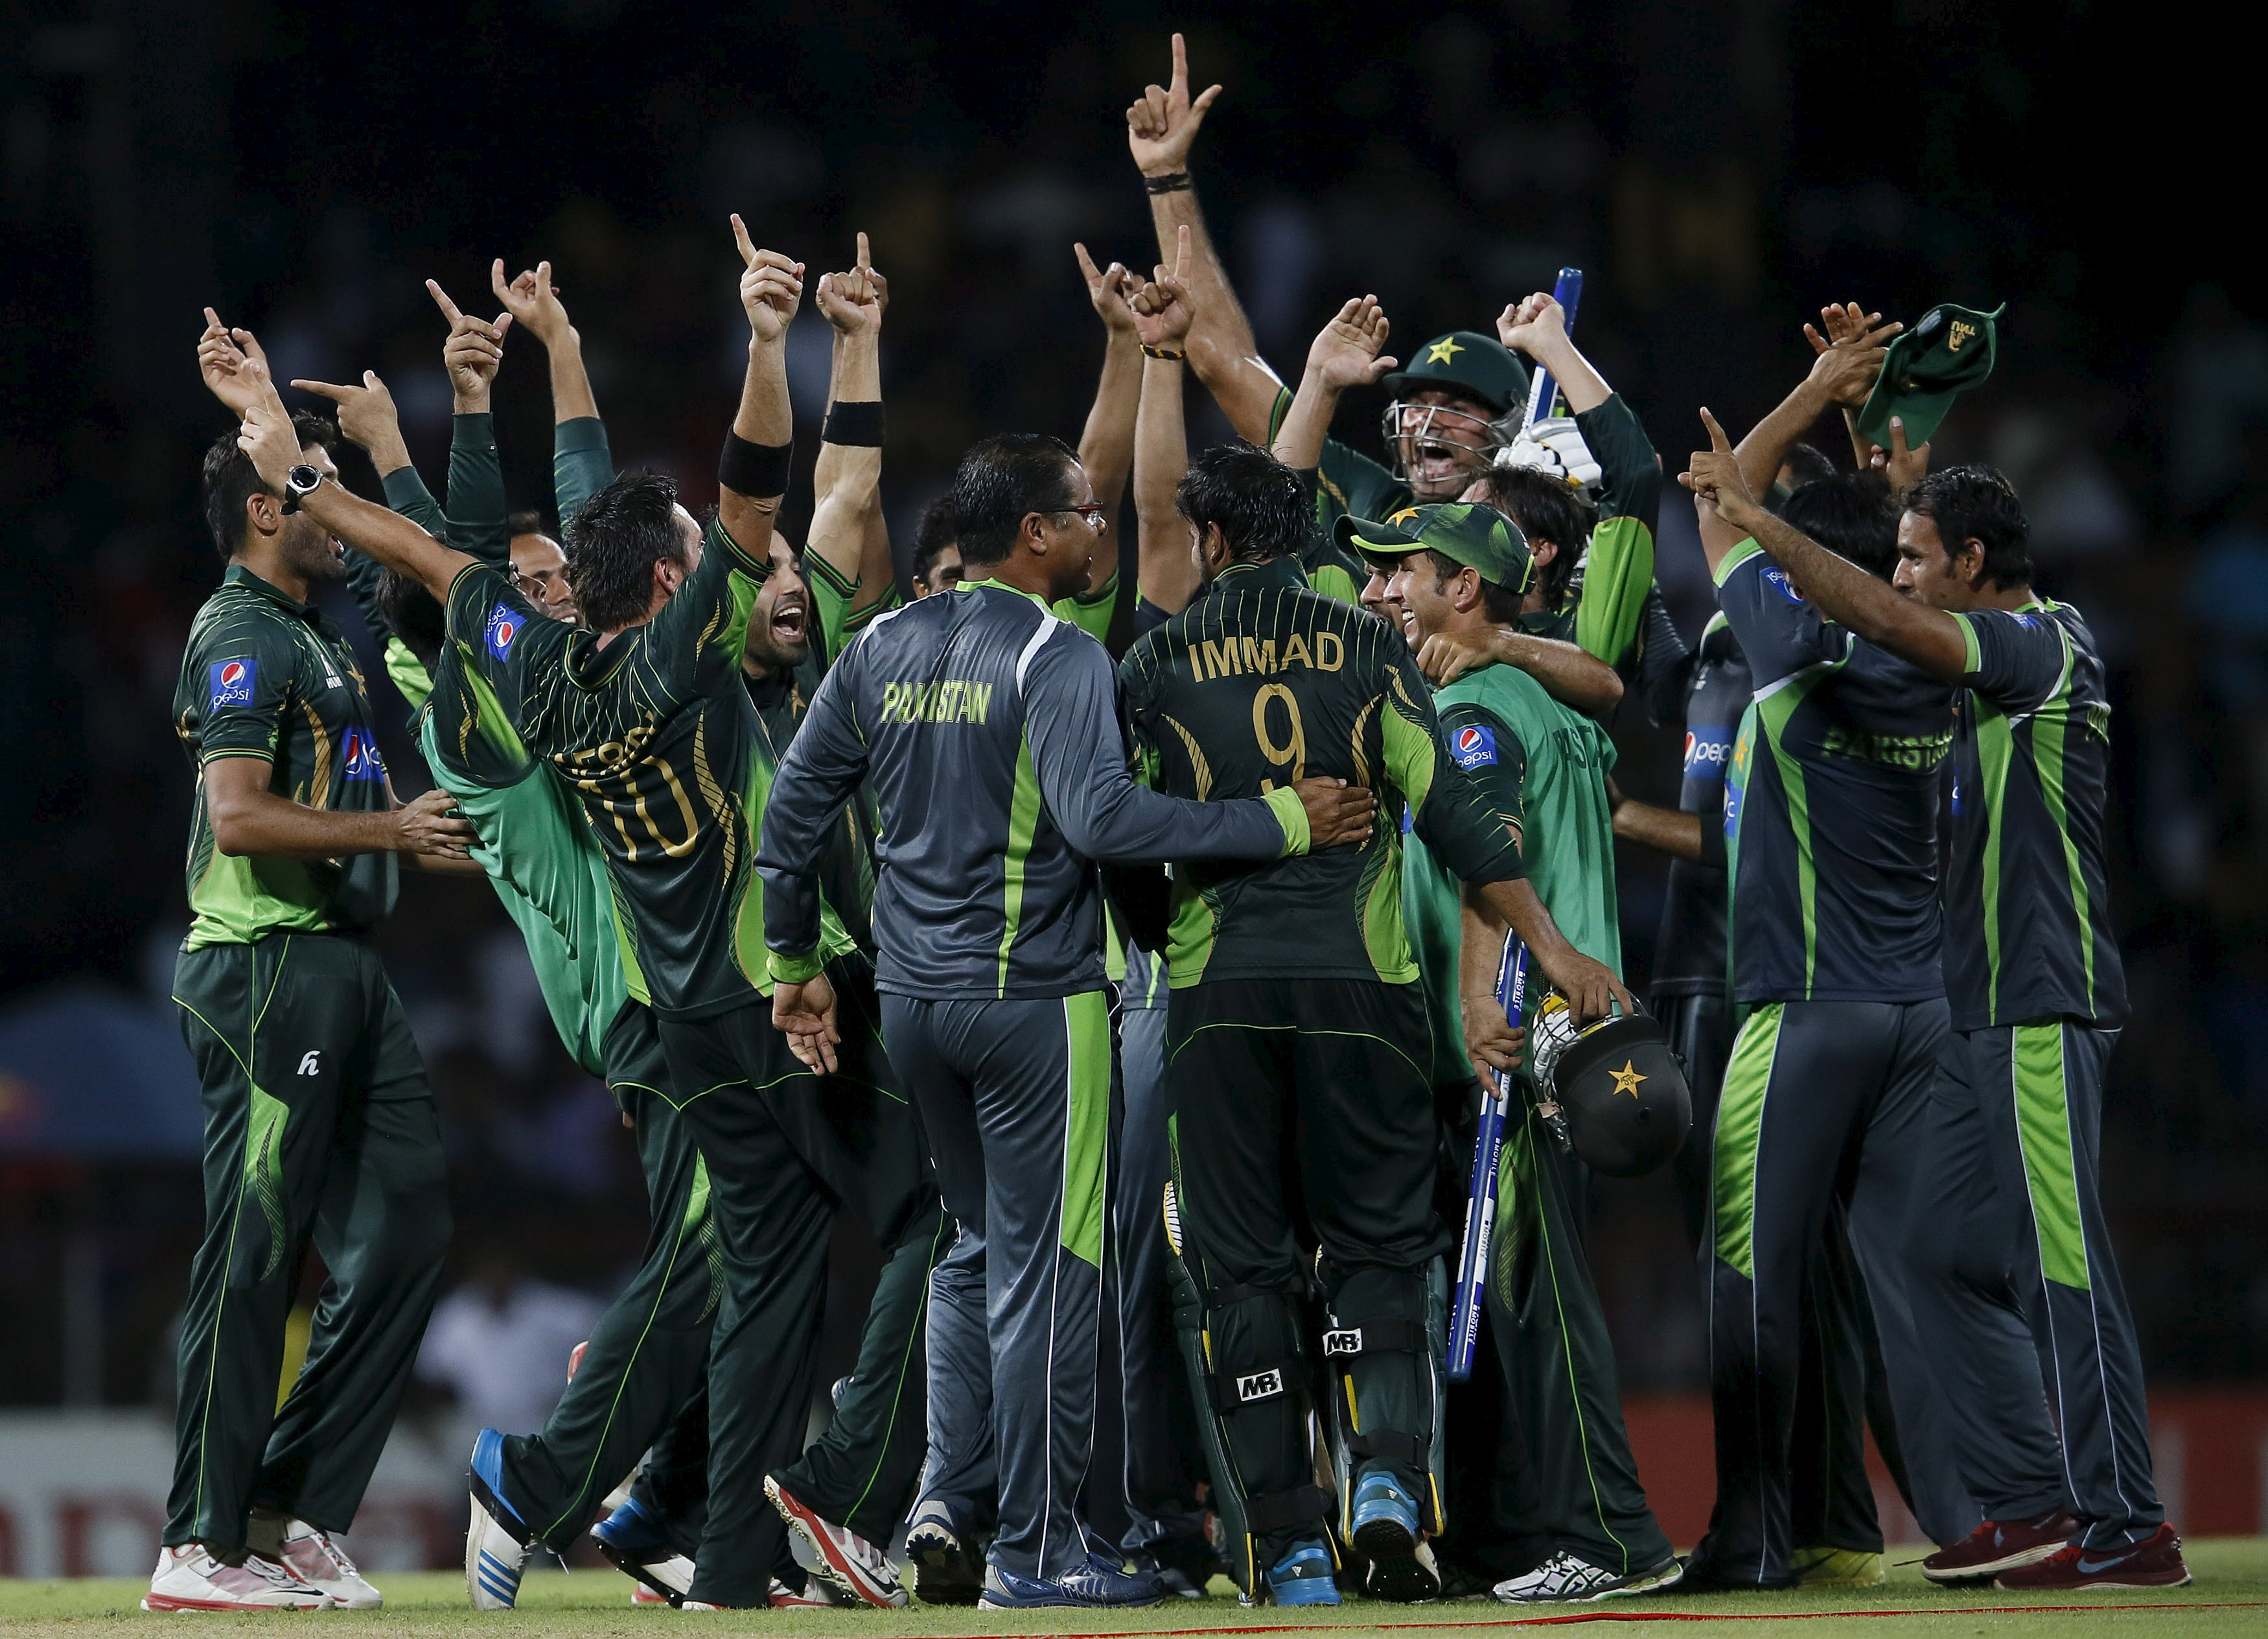 Pakistan's cricket team